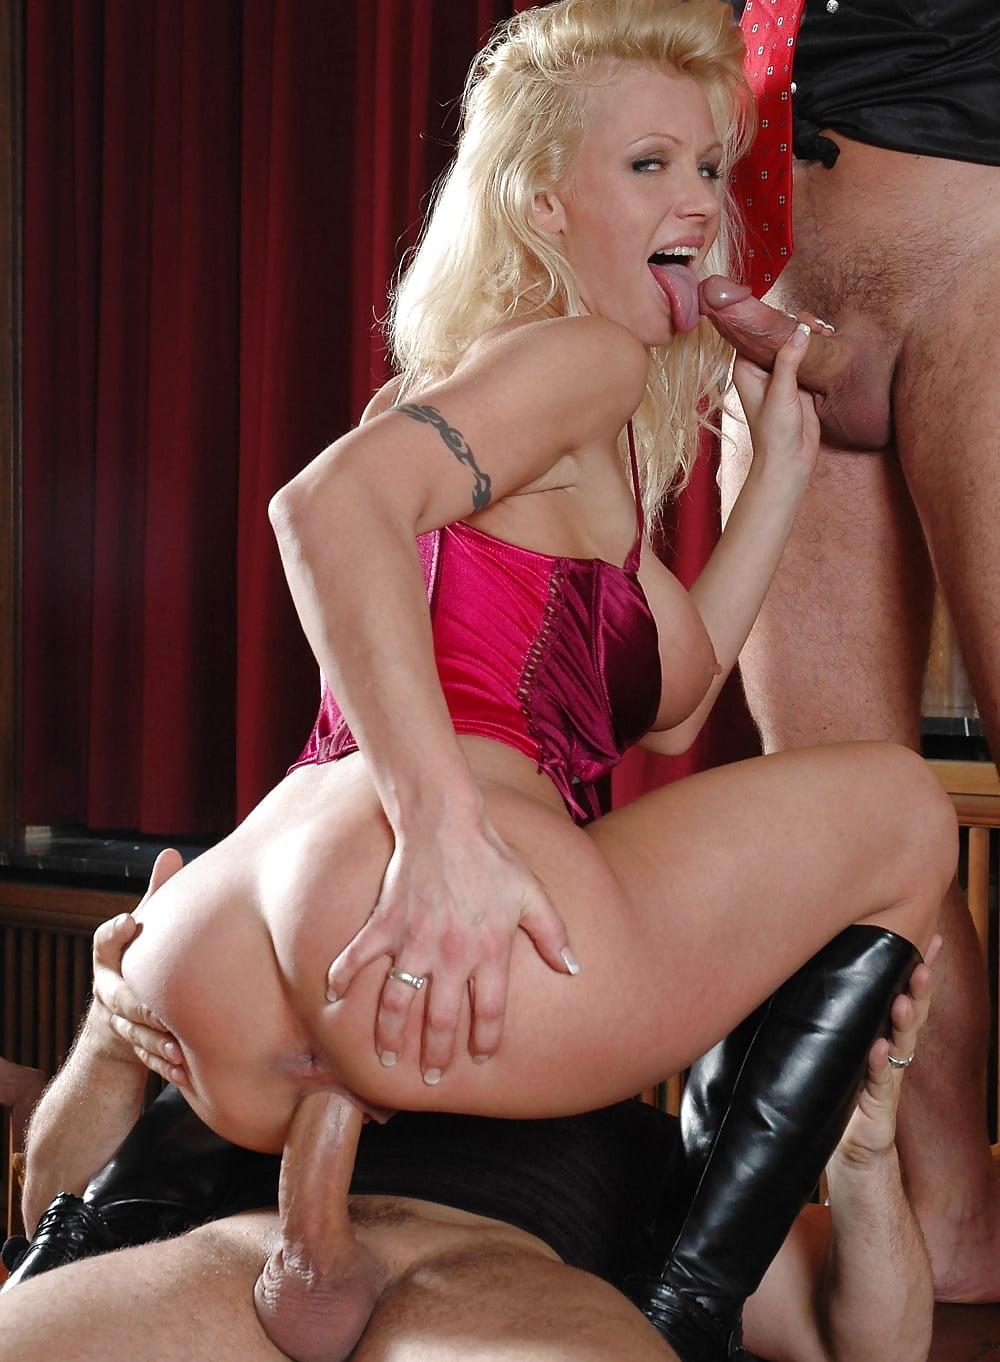 Порно онлайн с вивиан шмитт — photo 14